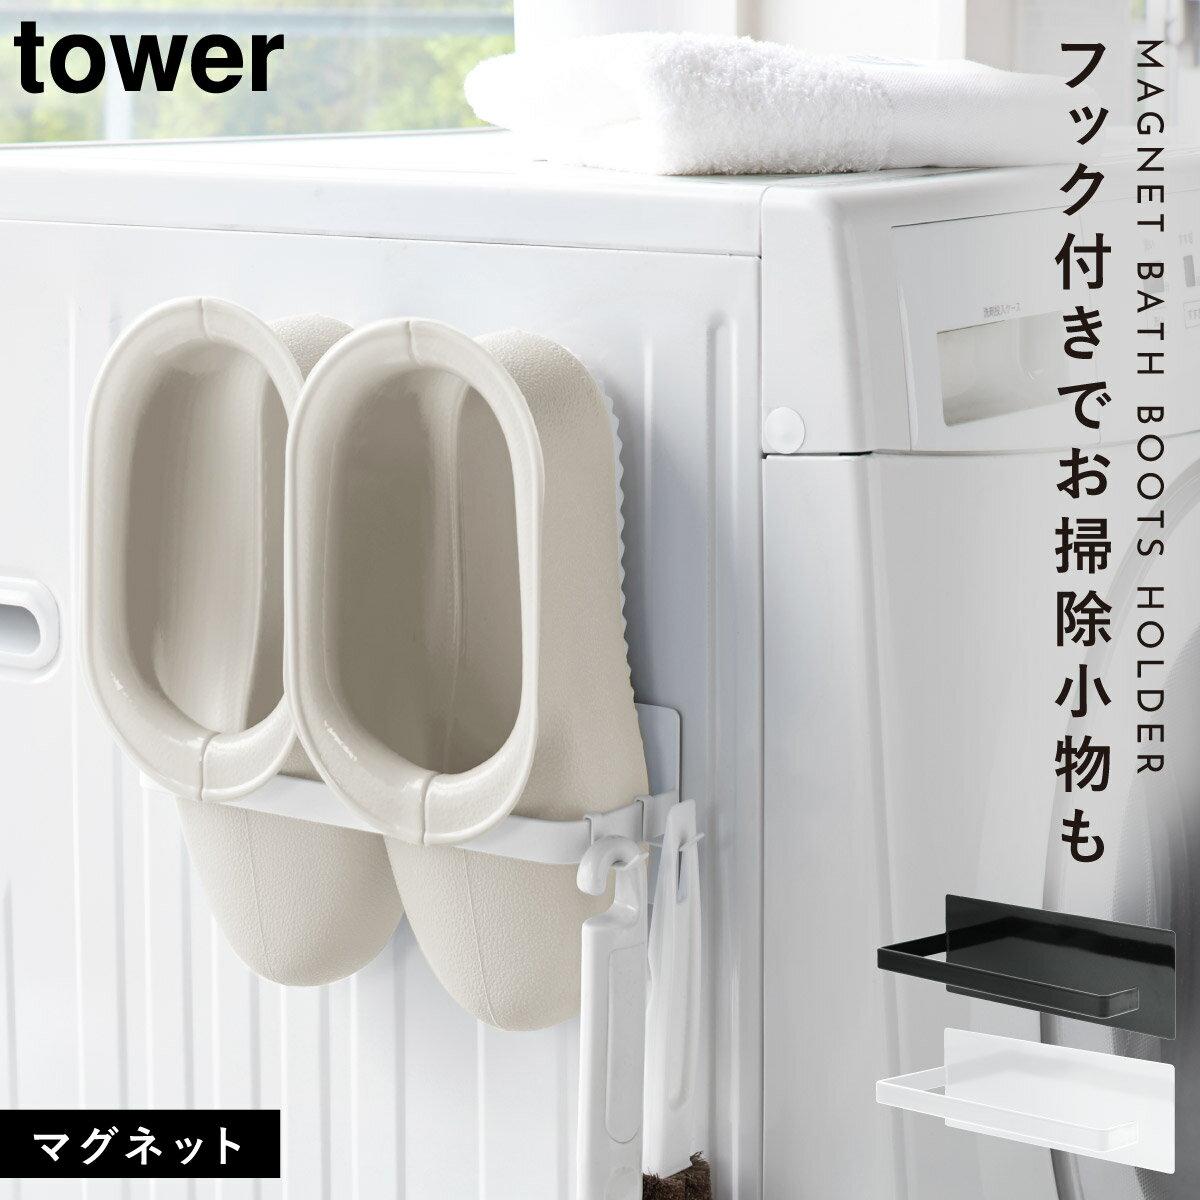 洗濯機横マグネット収納ラック バスブーツ ホルダー 収納 掃除 収納ラック マグネットバスブーツホルダー タワー 白い 黒 tower